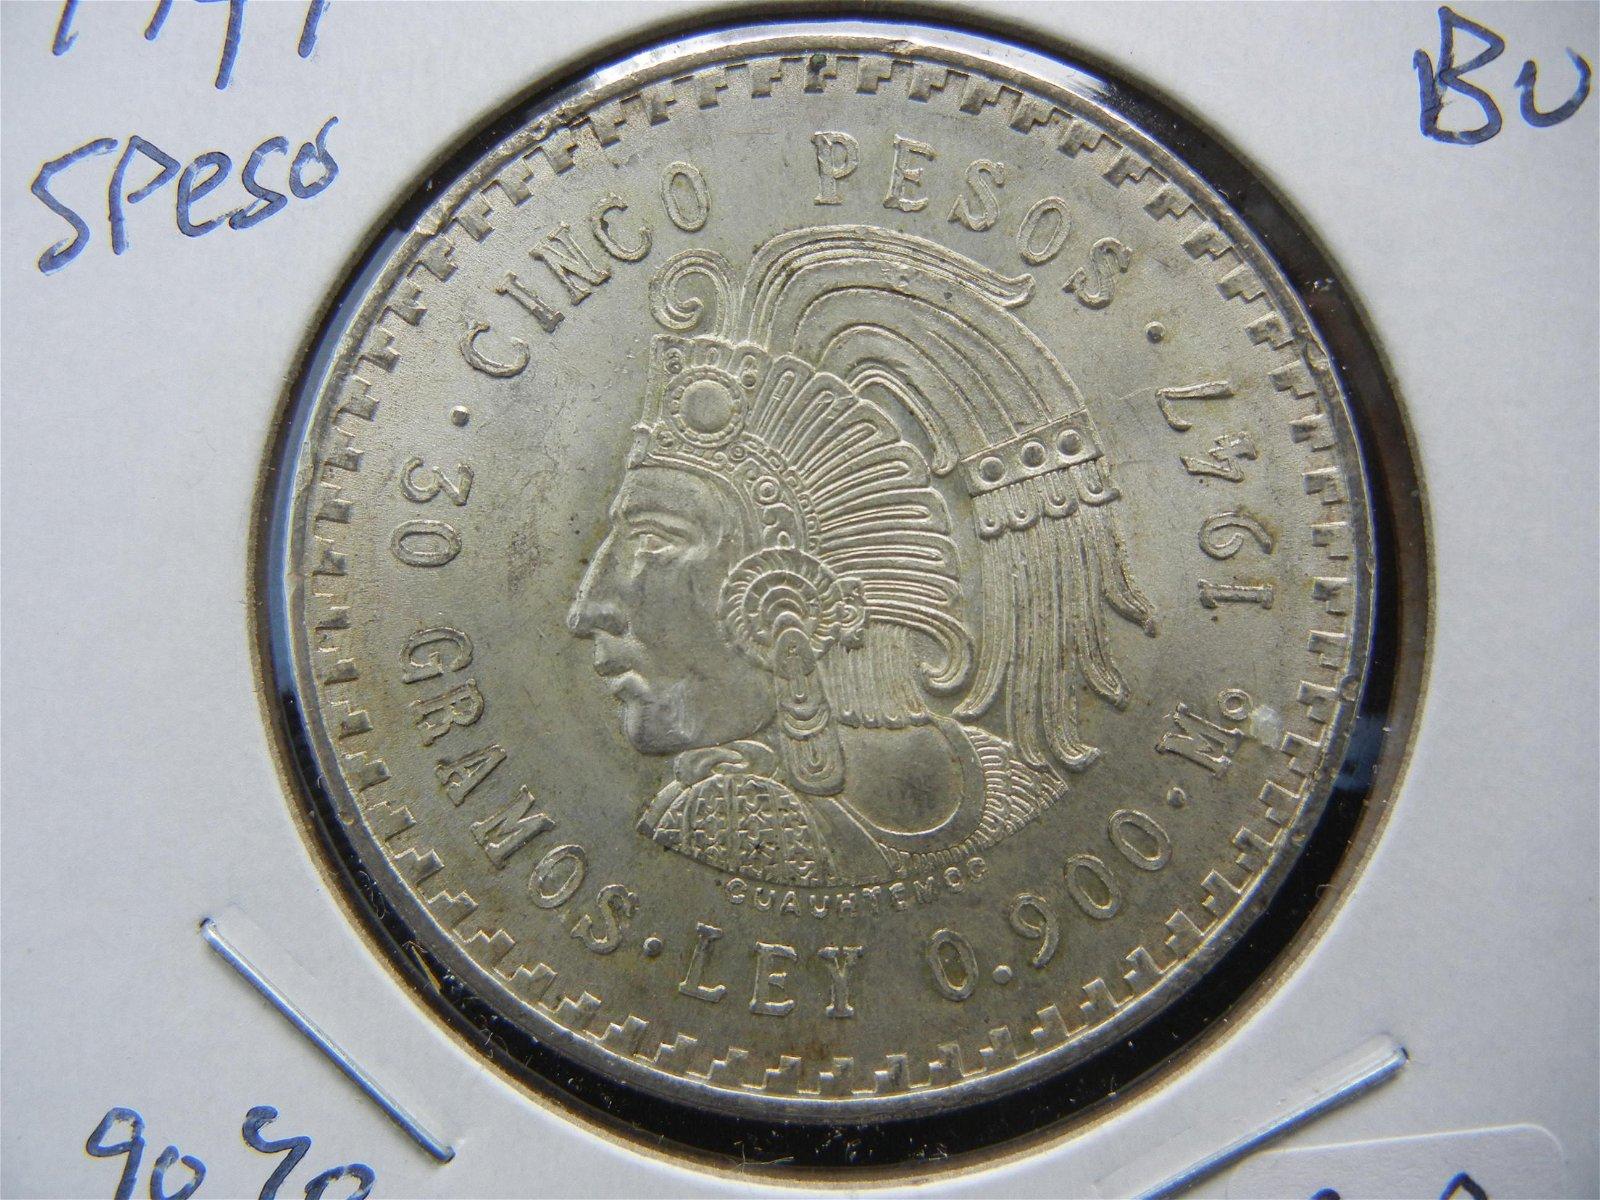 1947 Mexico 90% Silver 5 Peso.  Magnificent Mayan